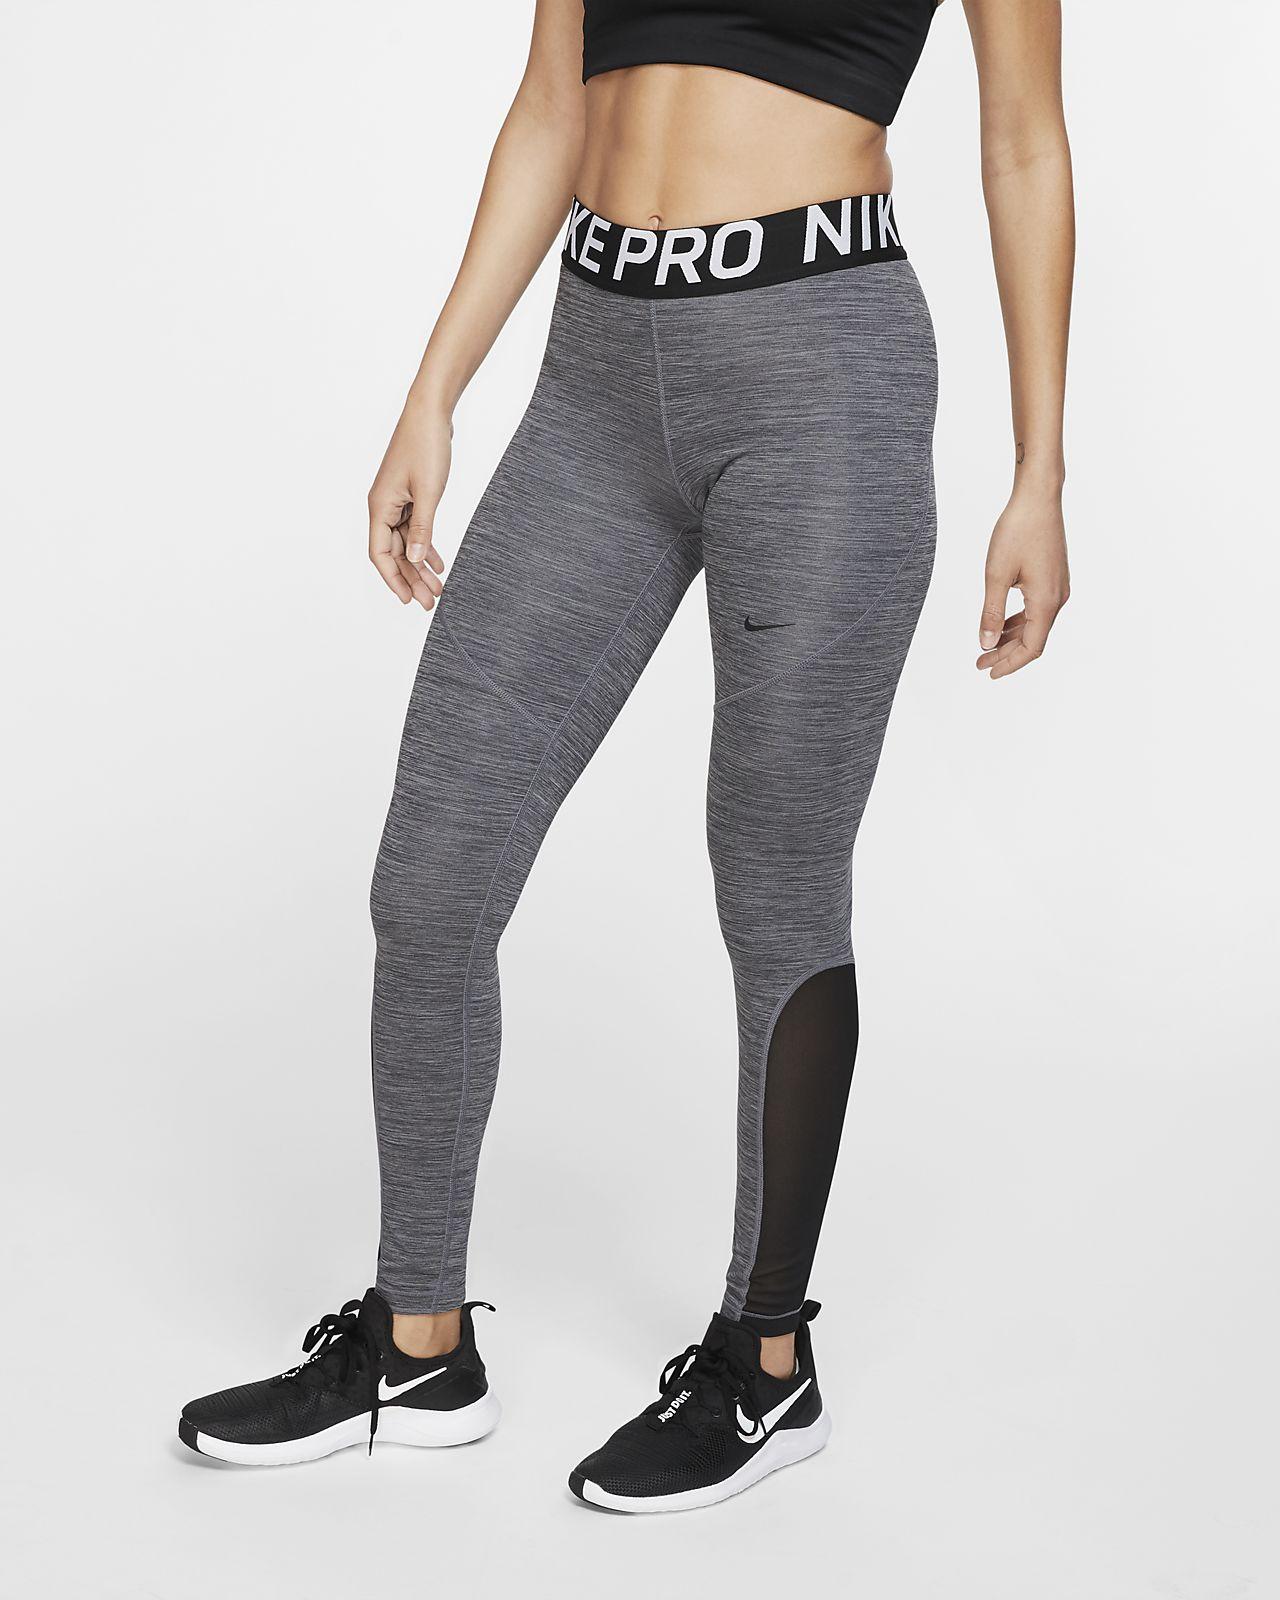 Nike Pro Malles - Dona